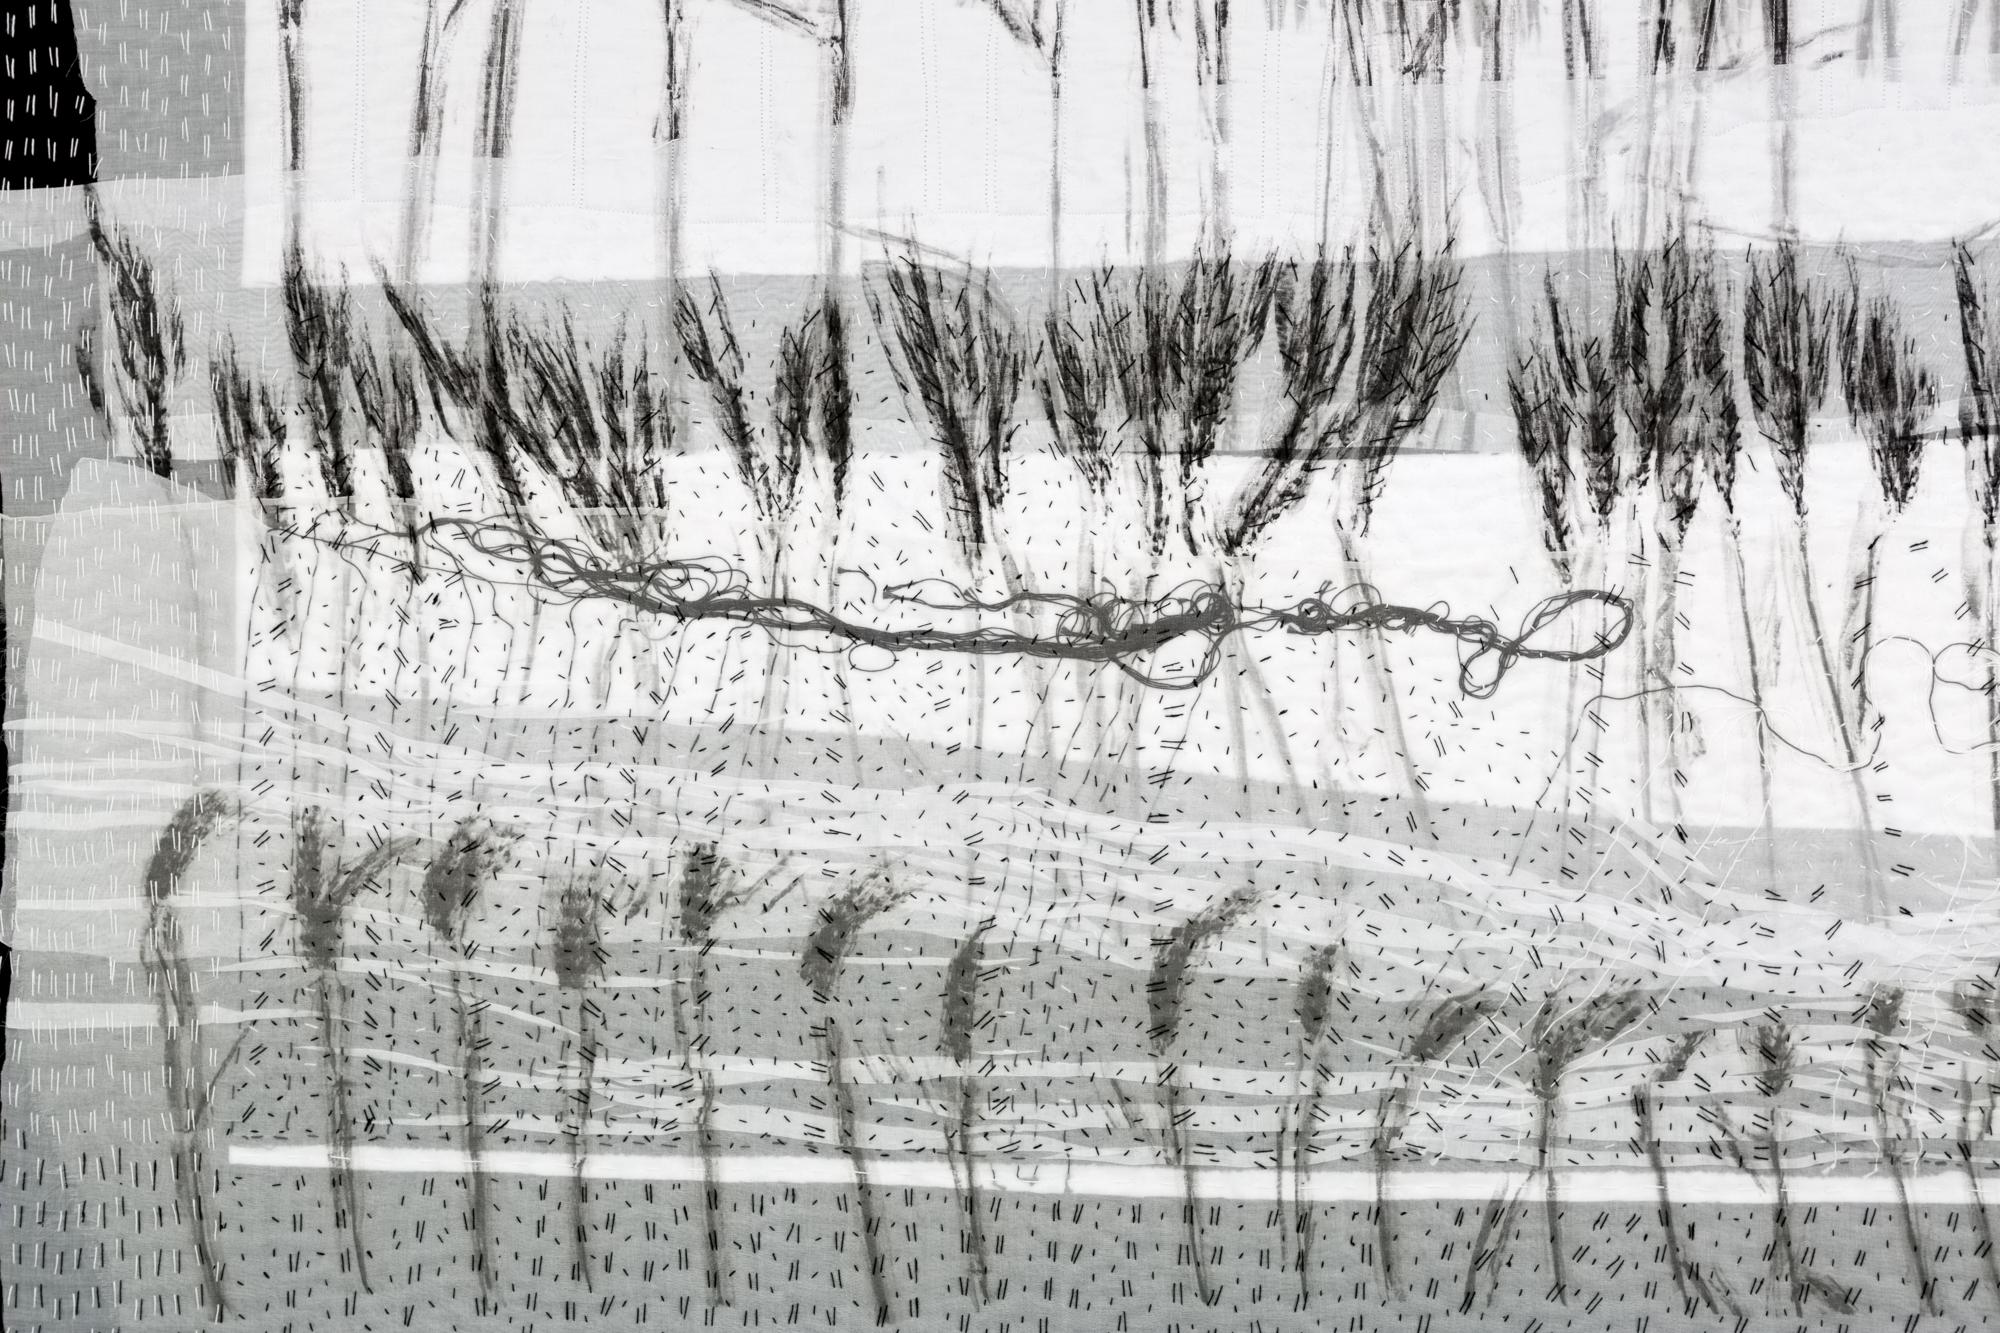 Detail of Wheat & Barley Fields